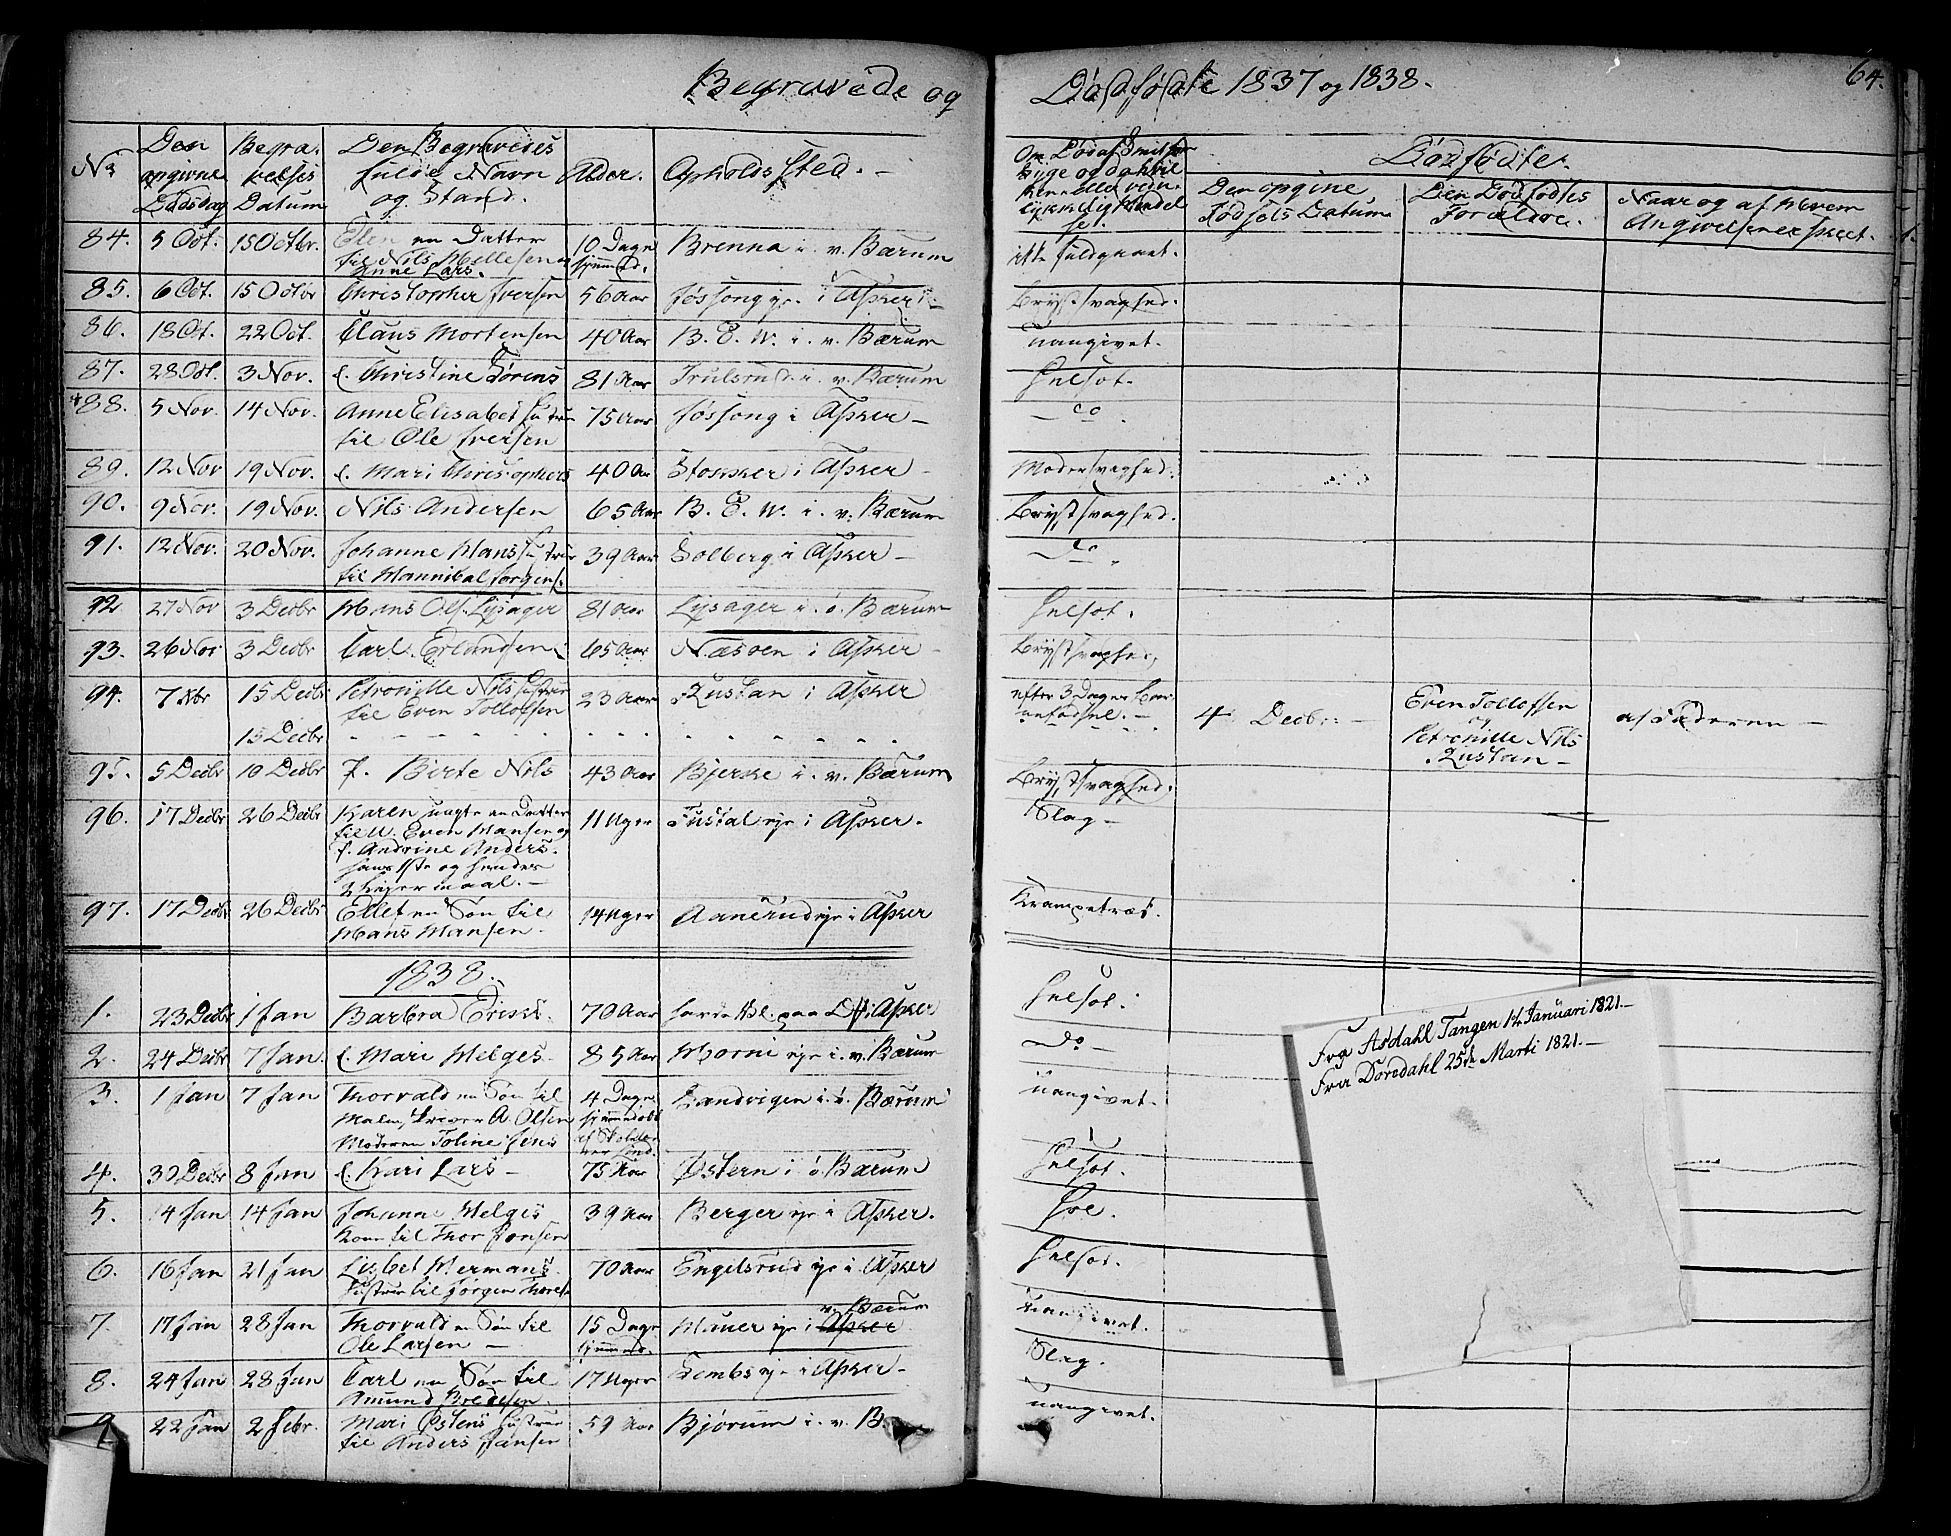 SAO, Asker prestekontor Kirkebøker, F/Fa/L0011: Ministerialbok nr. I 11, 1825-1878, s. 64